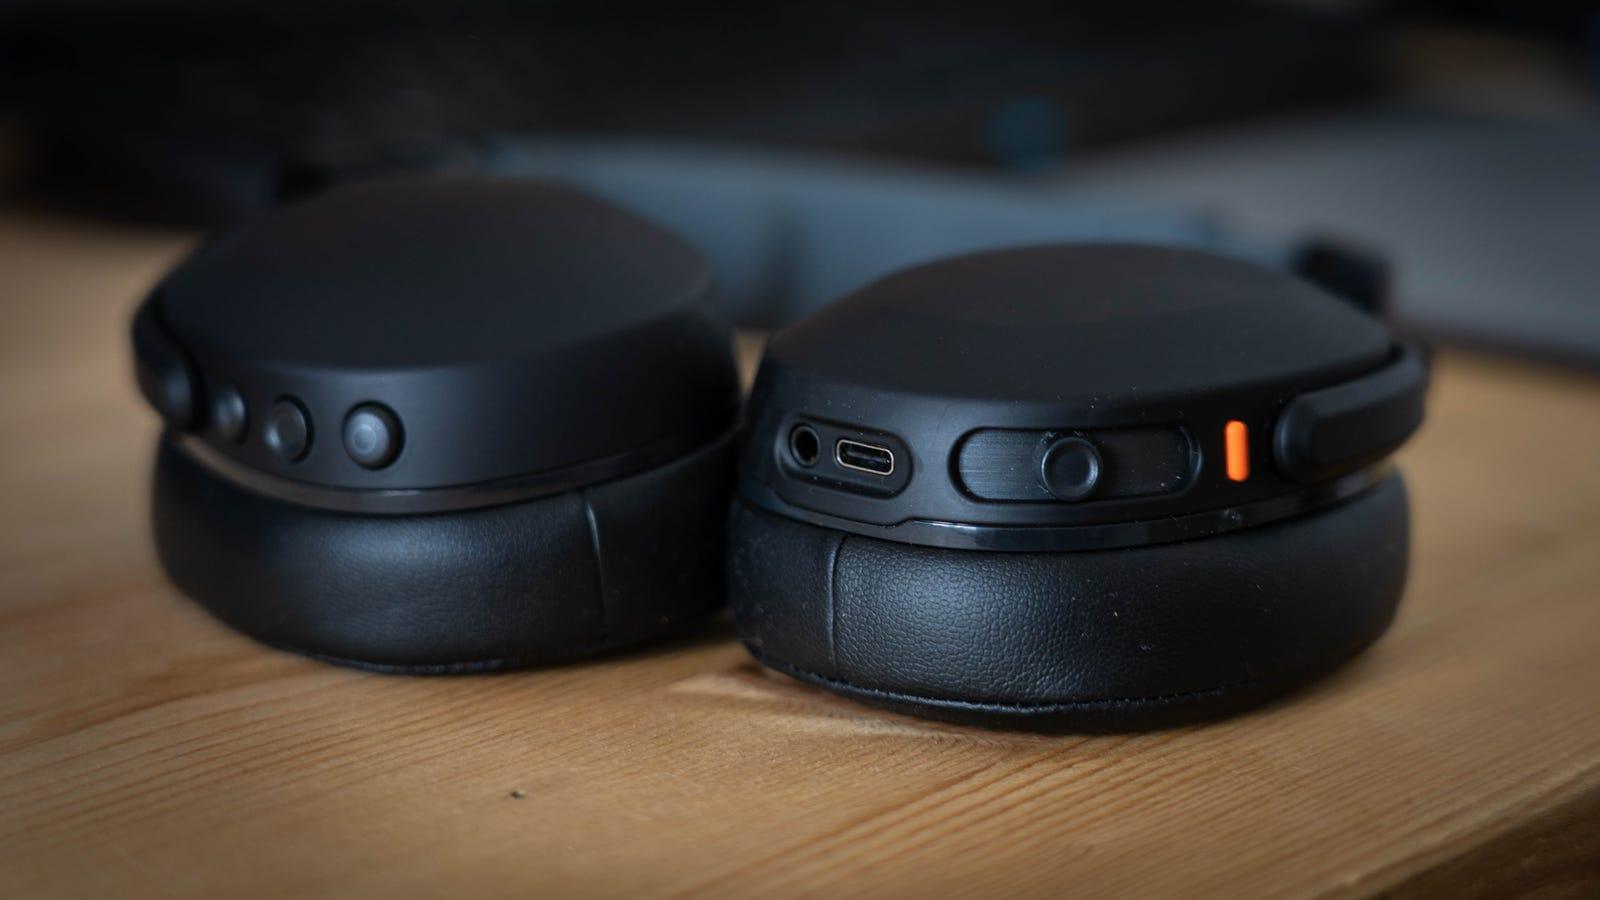 Además del deslizador para controlar los graves también tienen un puerto USB-C y un jack de 3.5mm.